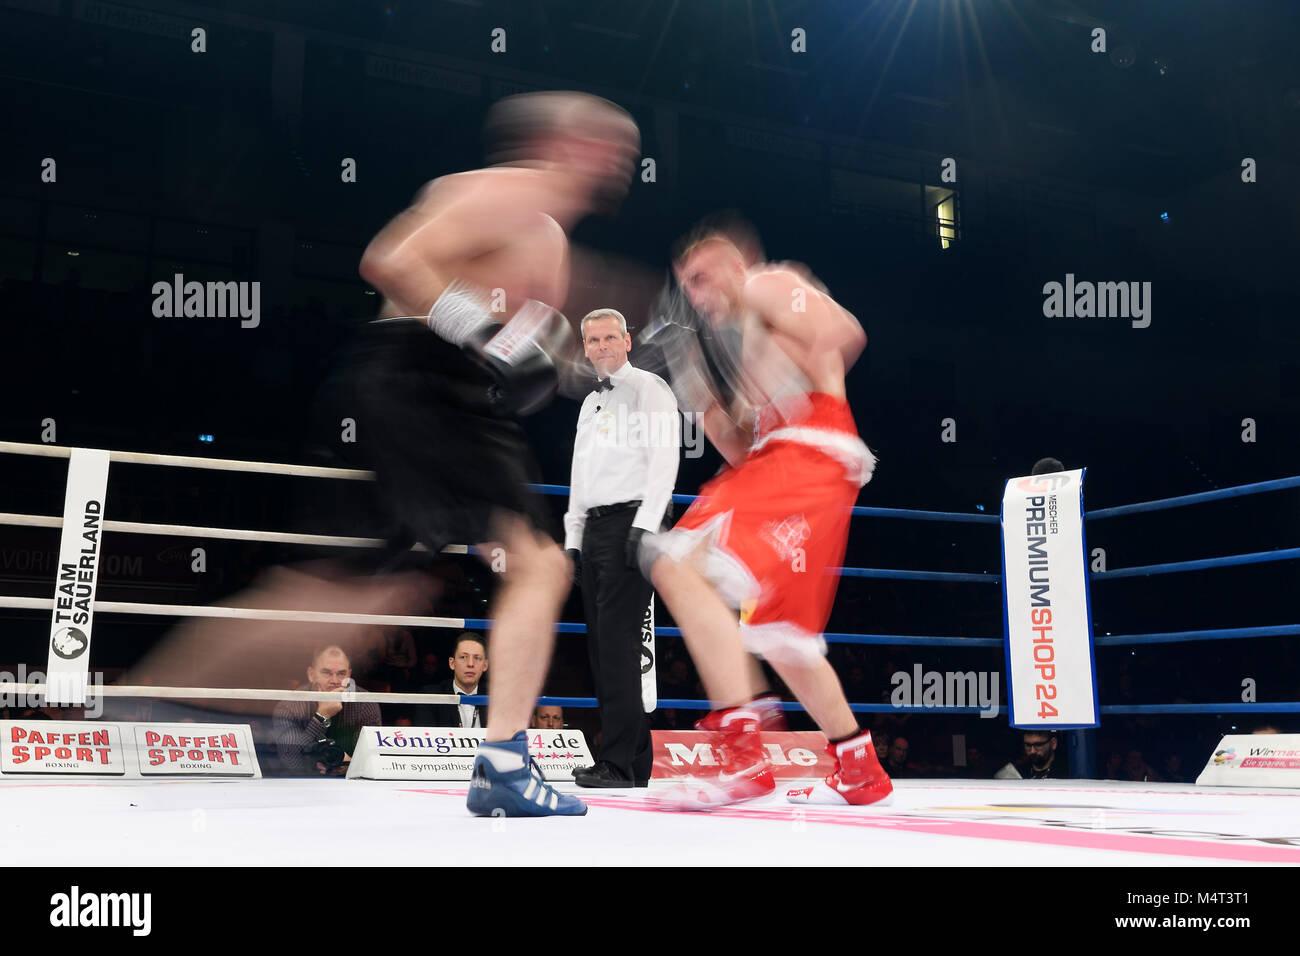 Ludwigsburg, Deutschland. 17th Feb, 2018. Feature, Wischer. GES/ Boxen/ Super Middleweight: Denis Radovan vs Mattia - Stock Image